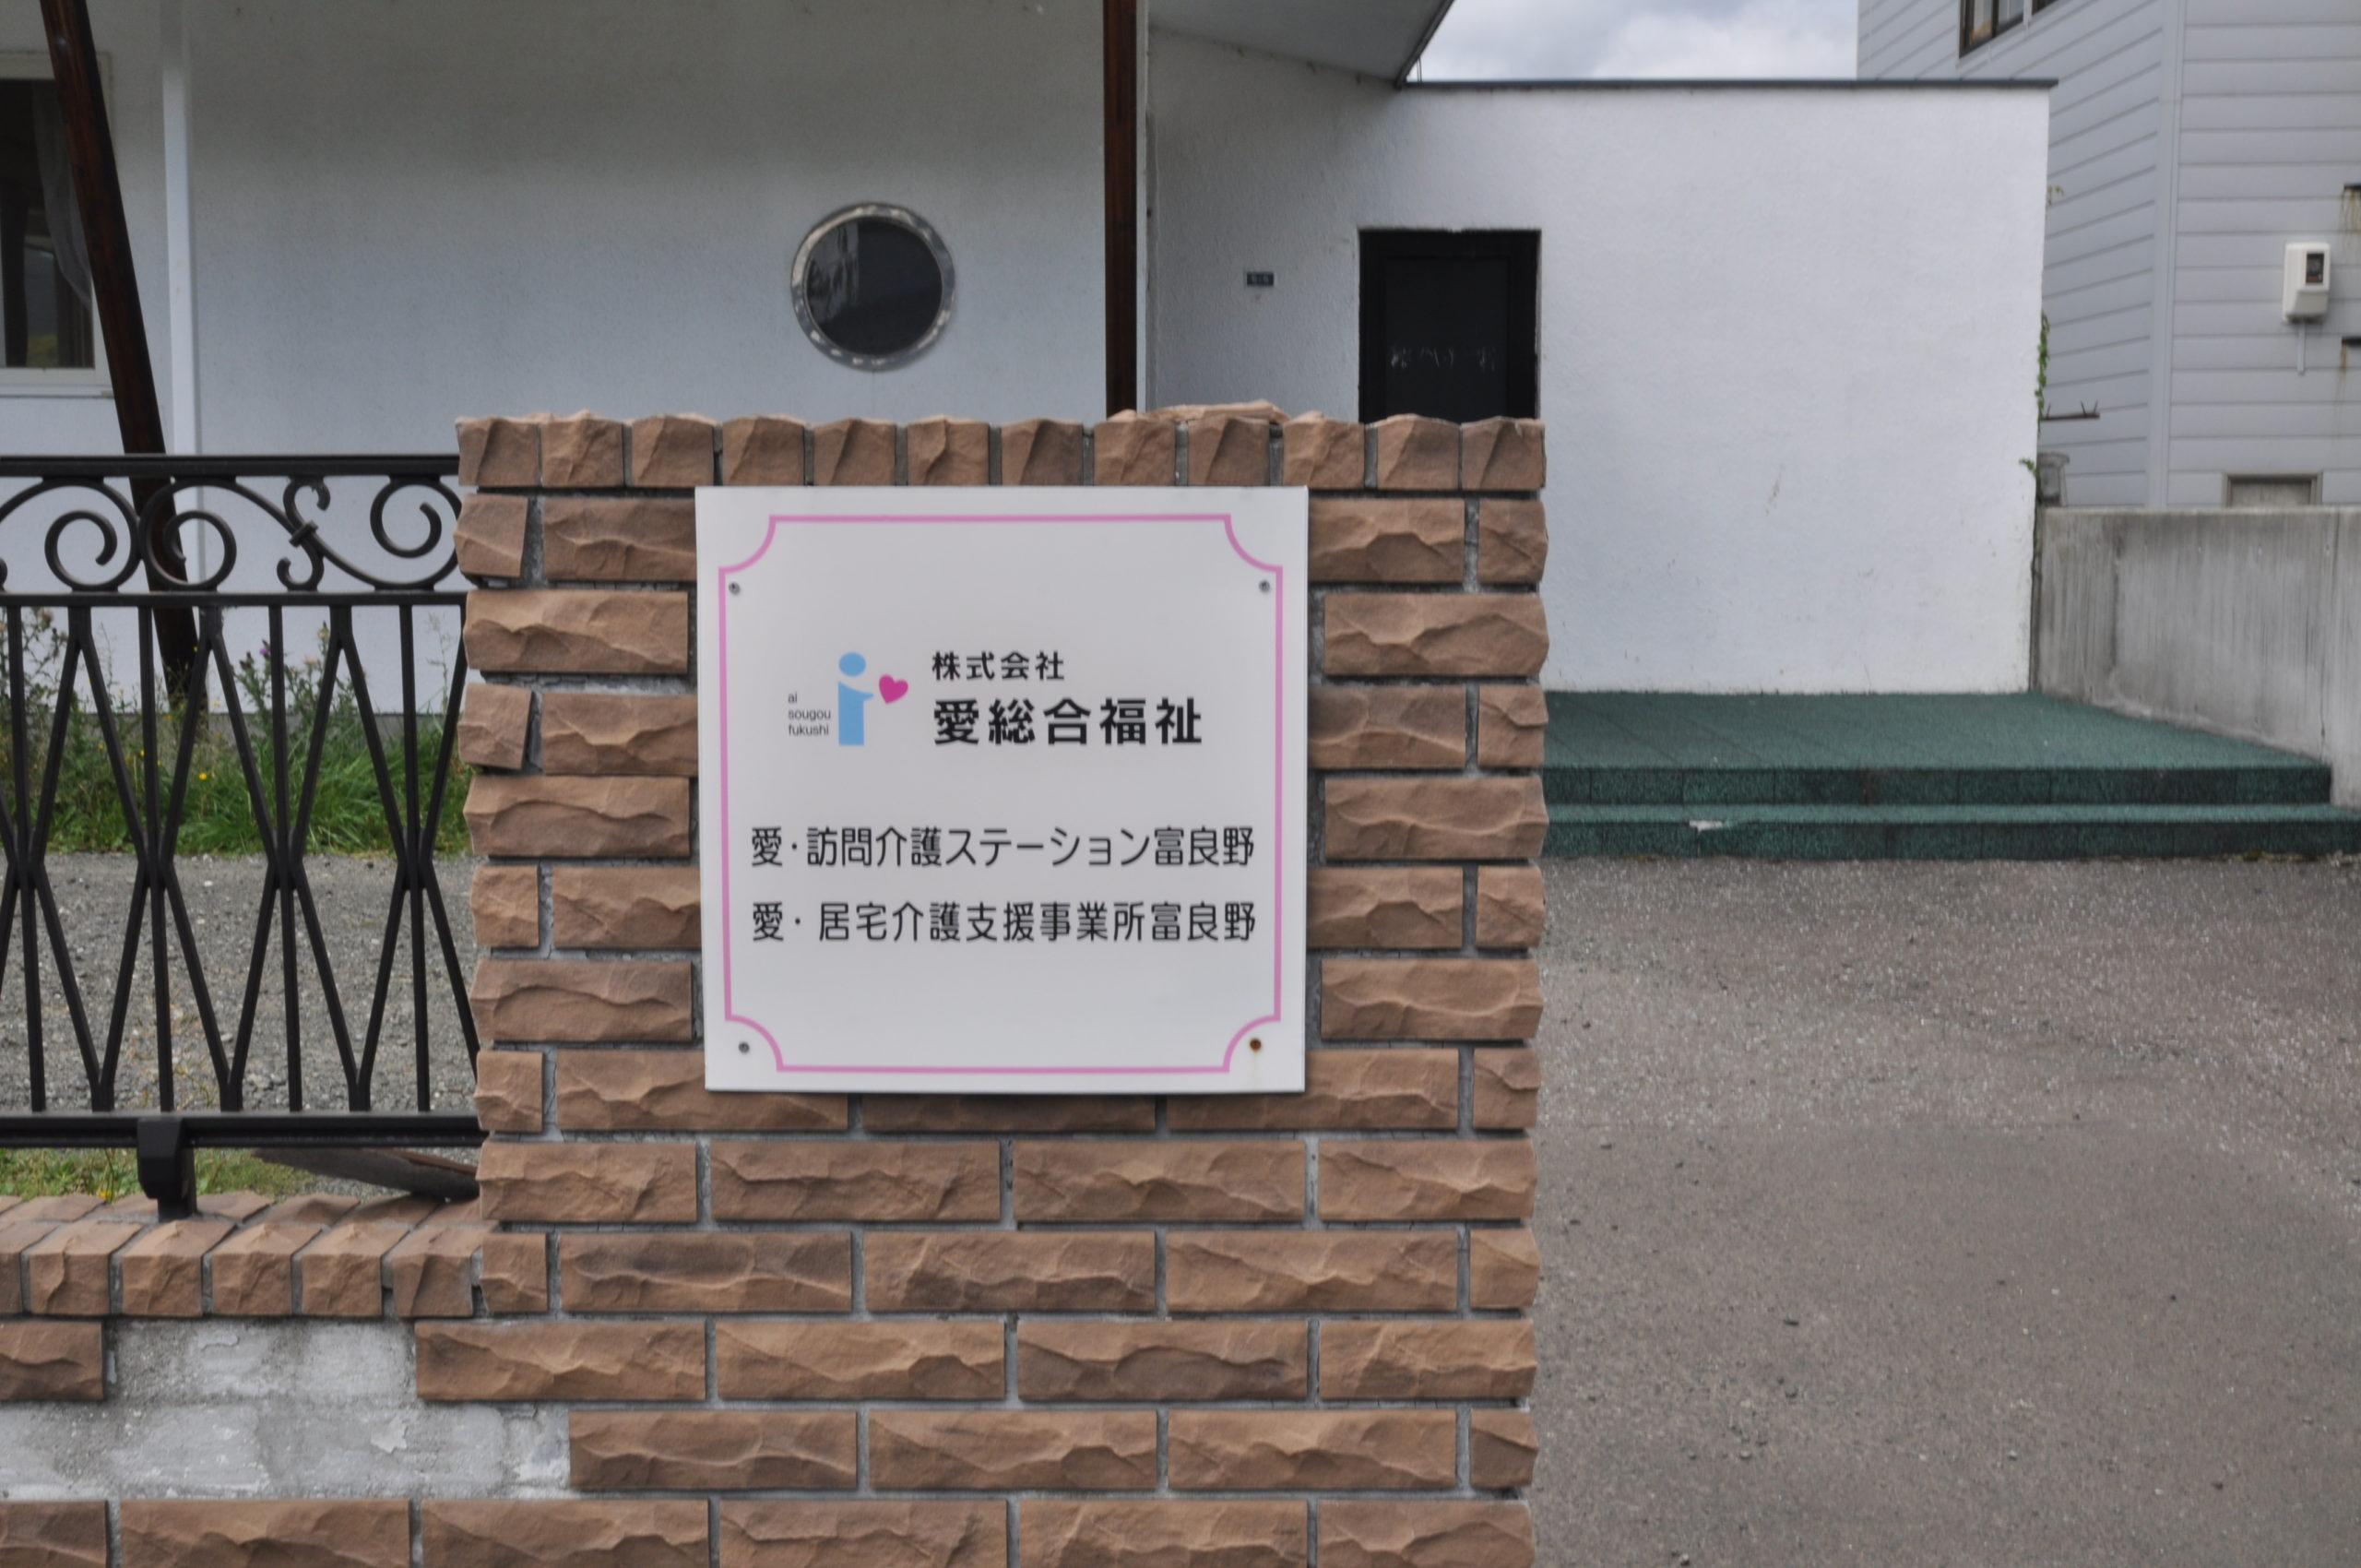 愛・訪問介護ステーション富良野<br>管理者 成田 さん イメージ